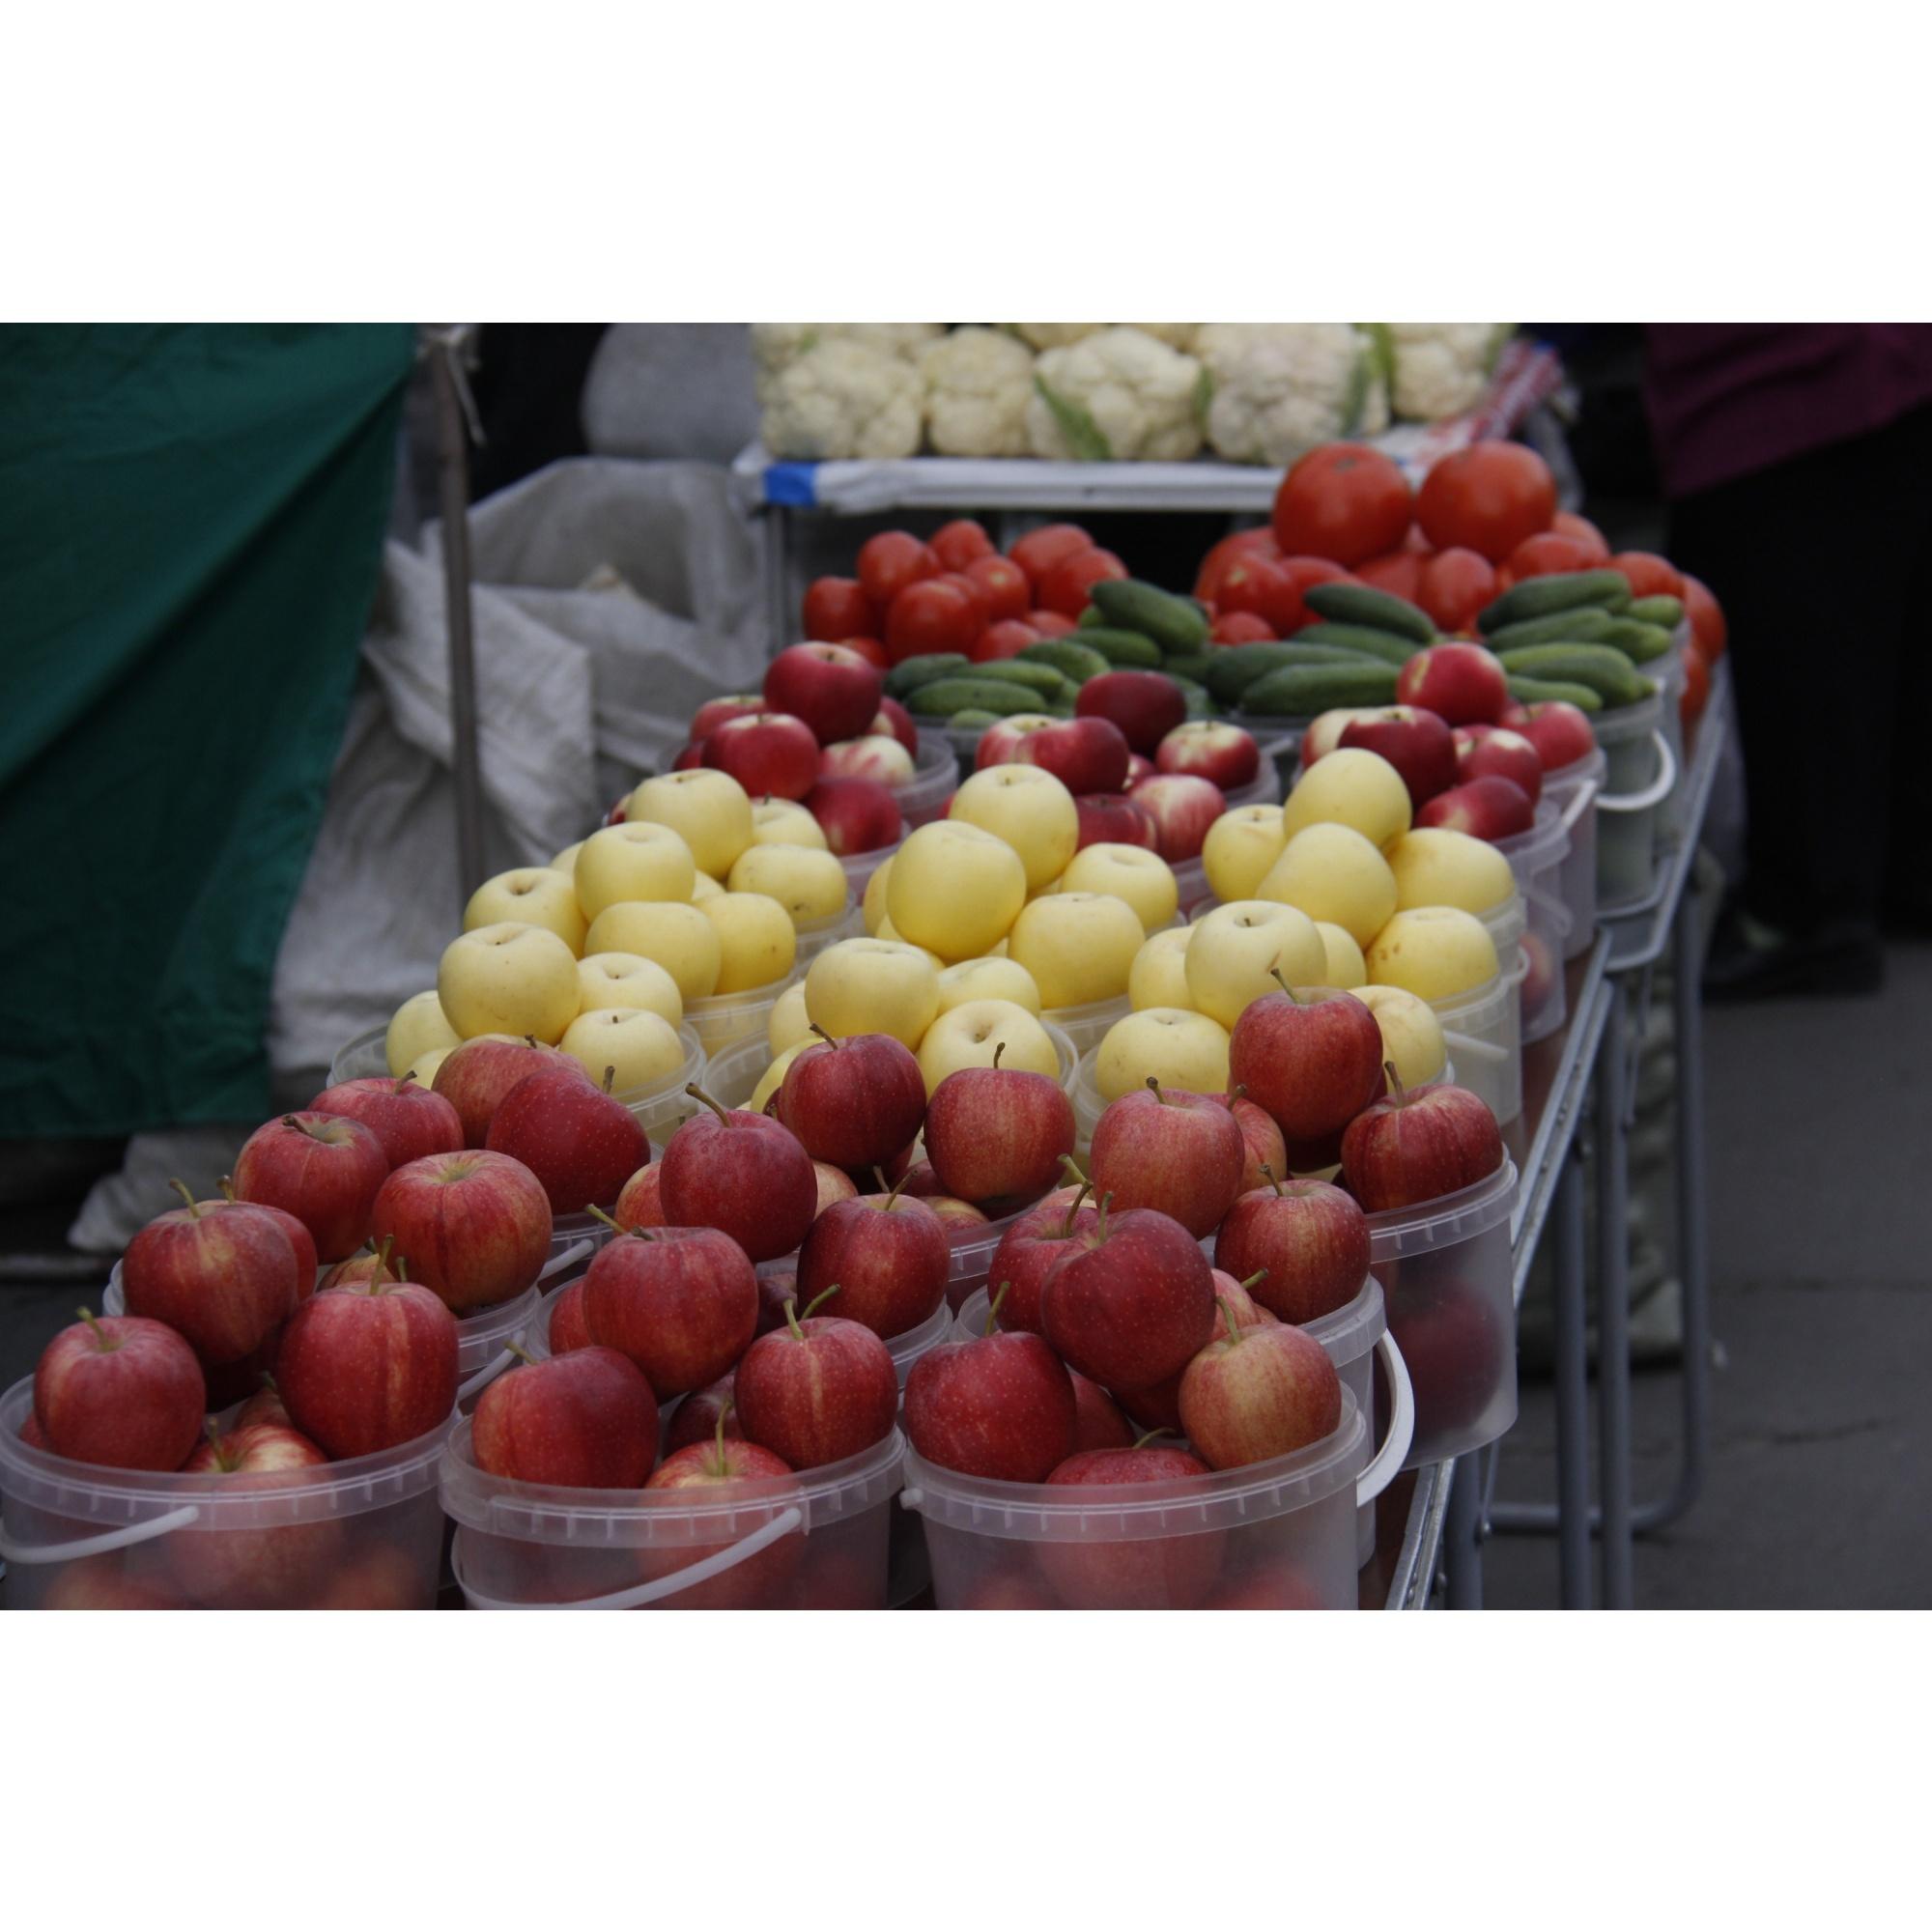 Яблоки почти у всех торговцев стоят 200 рублей